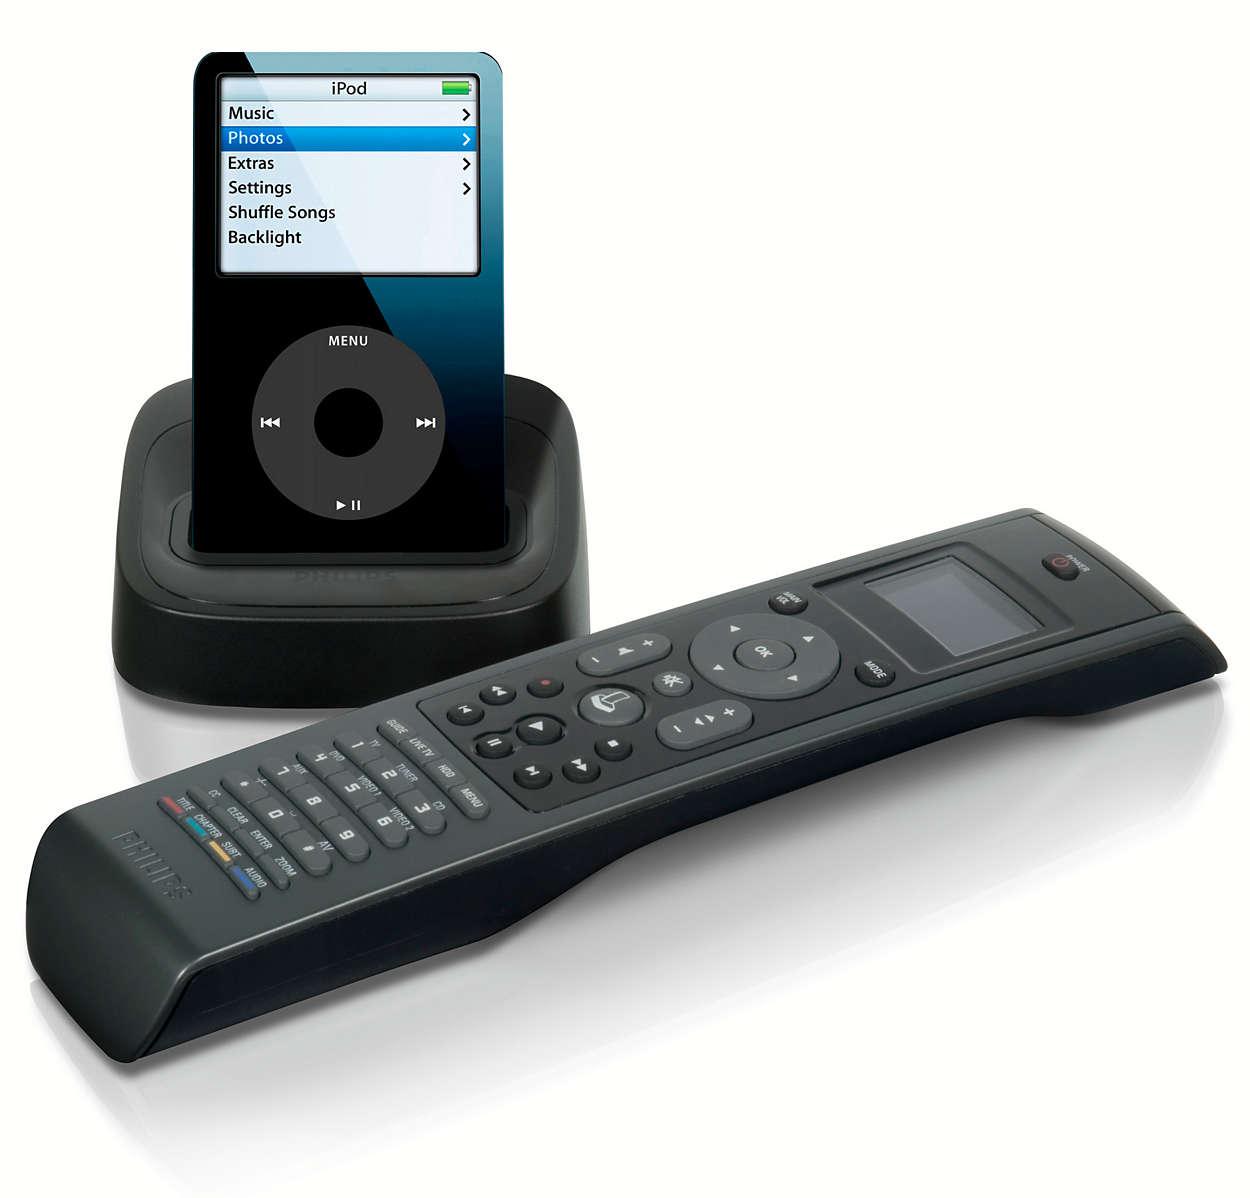 Contrôle duiPod avec la télécommande